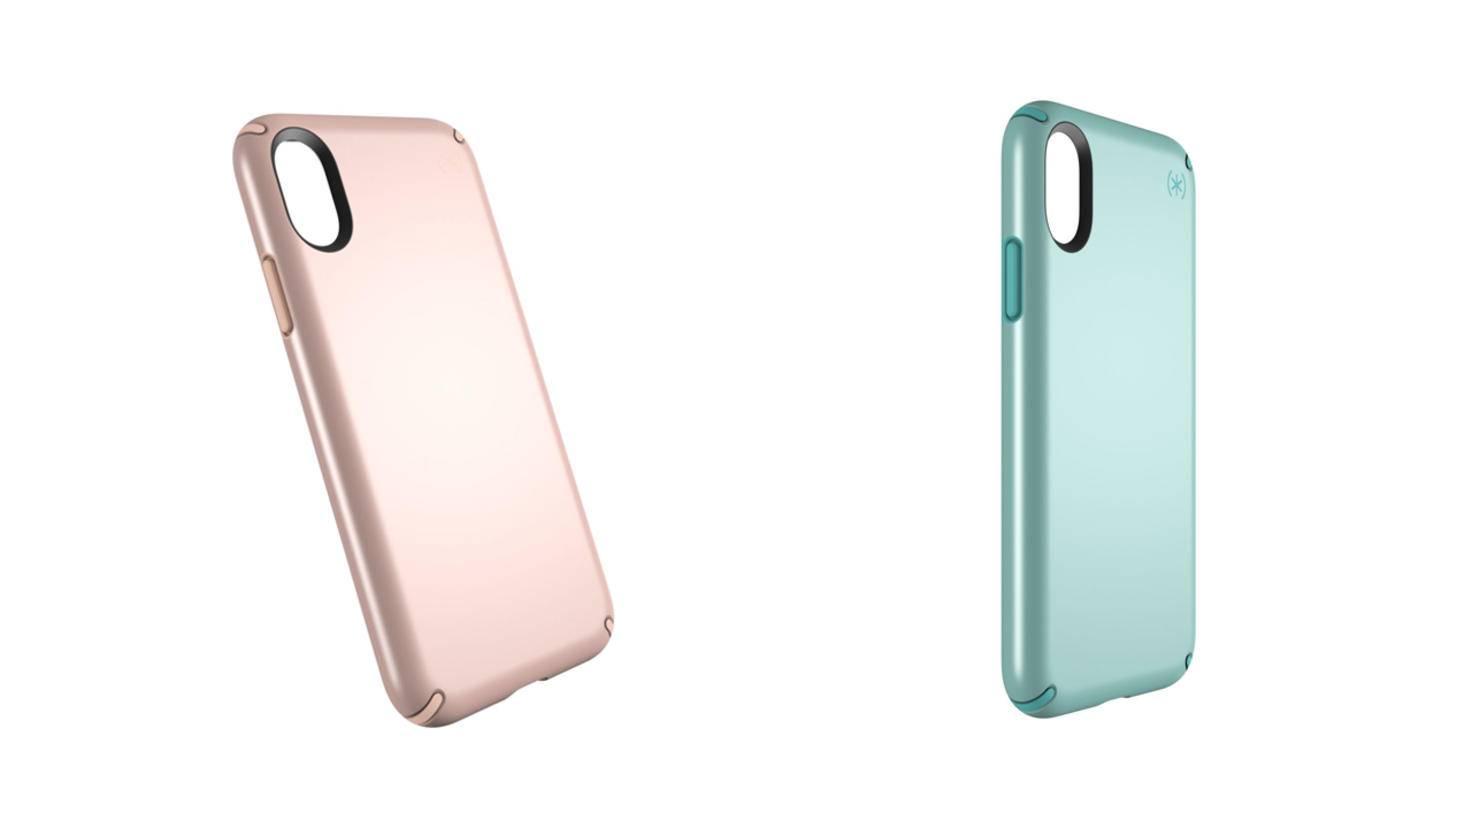 Speck Presidio Metallic iPhone X Cases